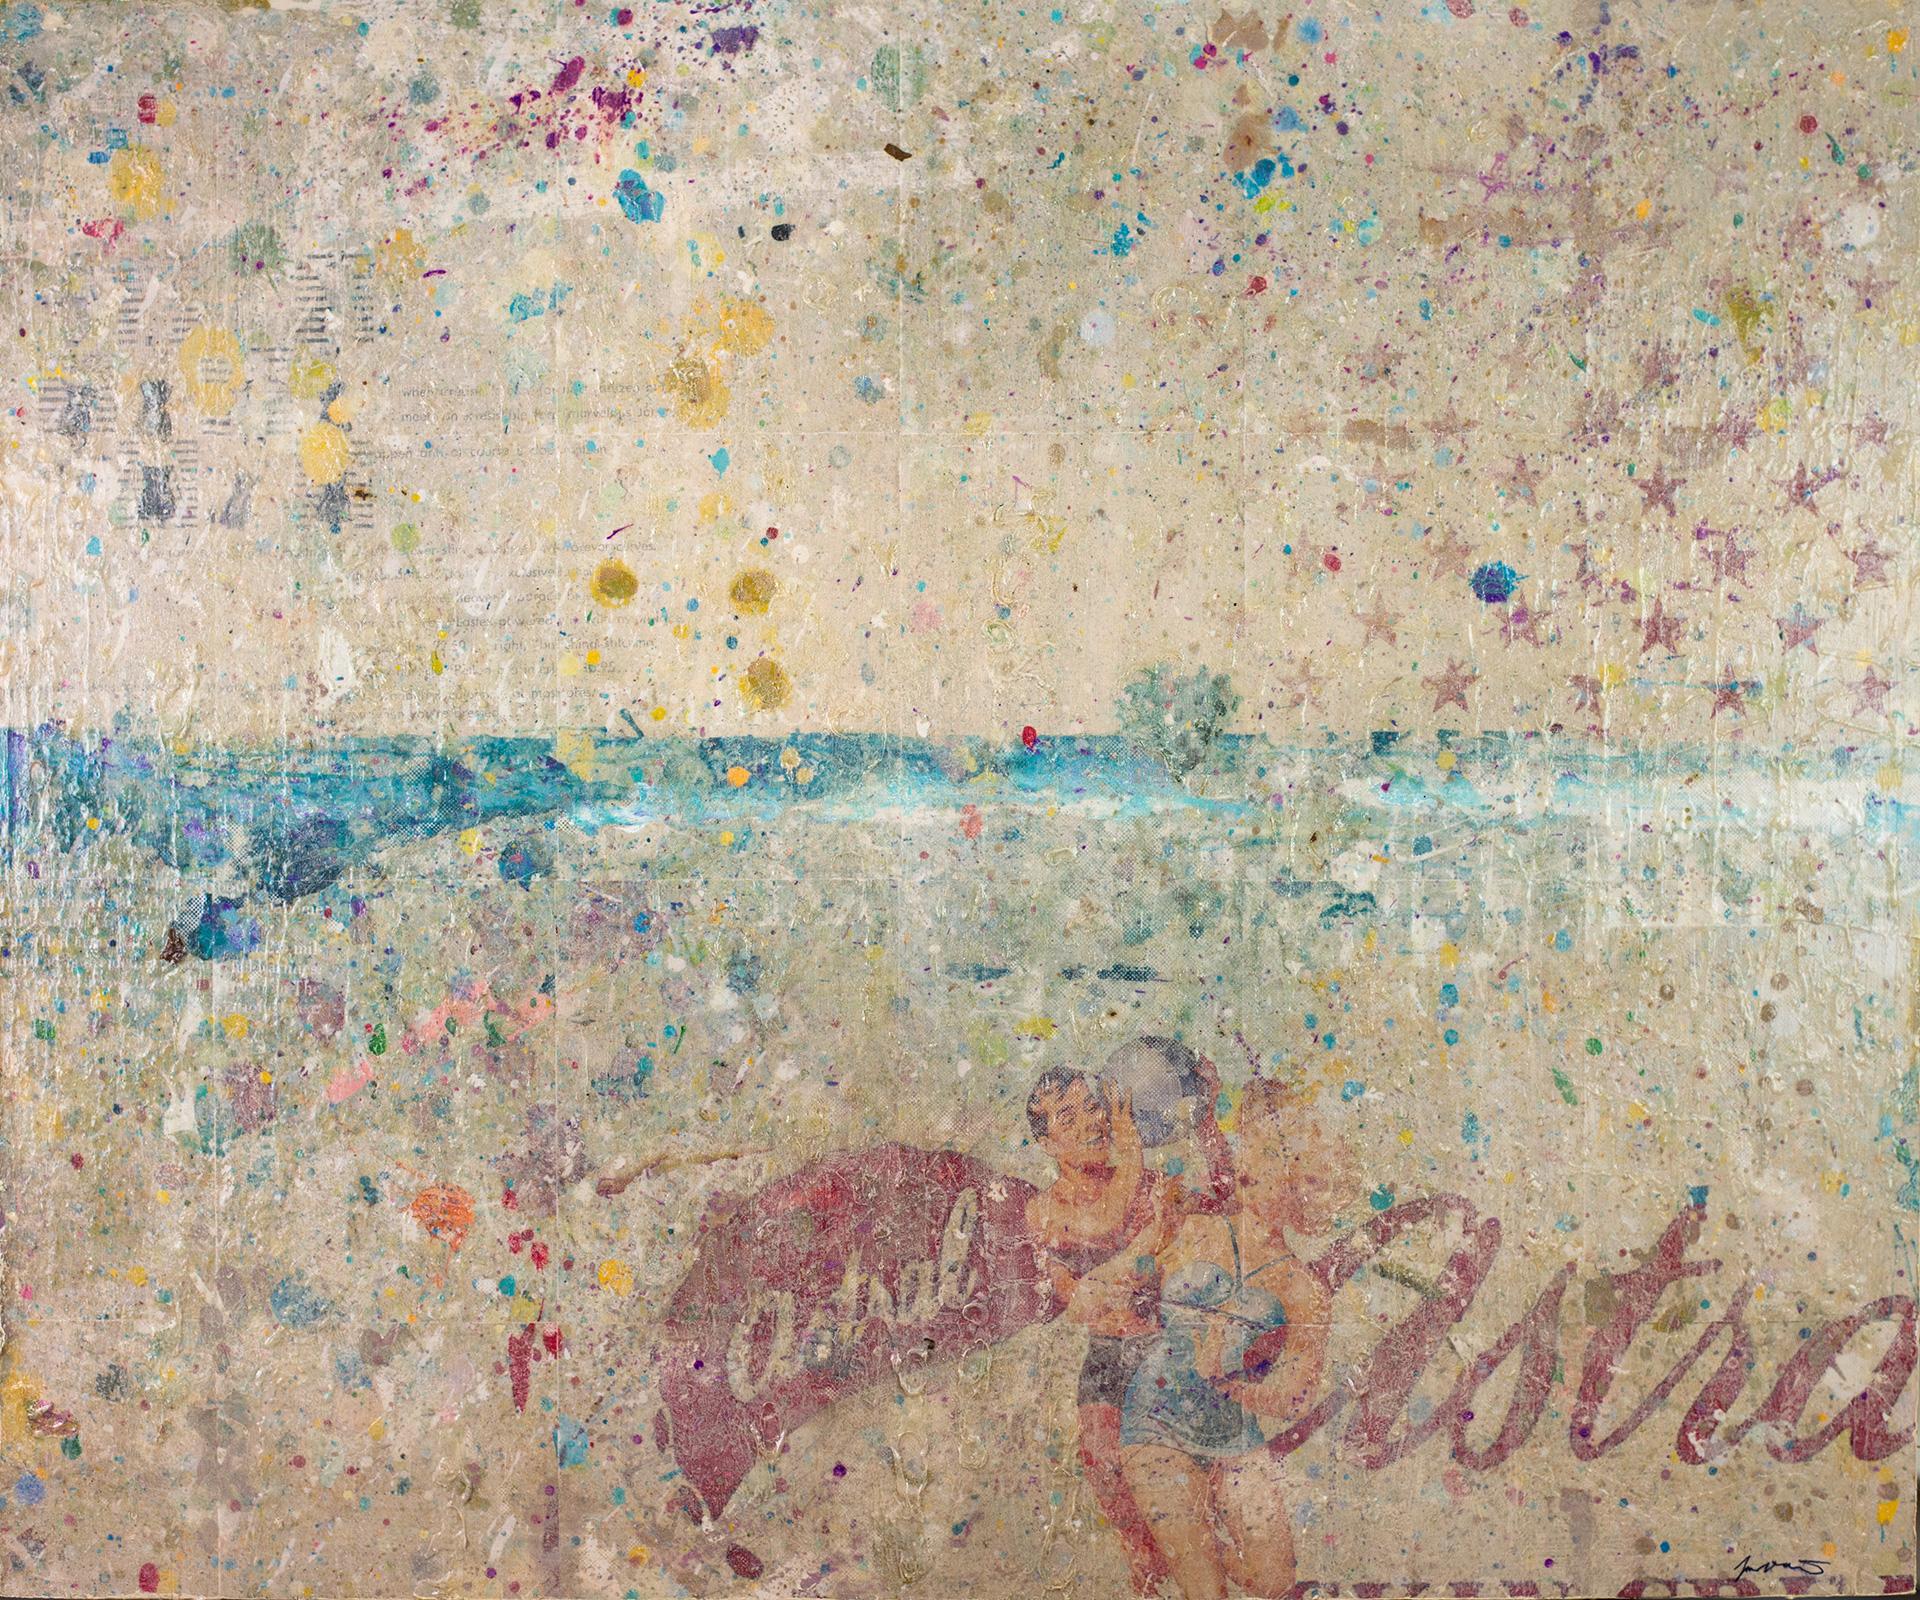 Astral Beach 48x40